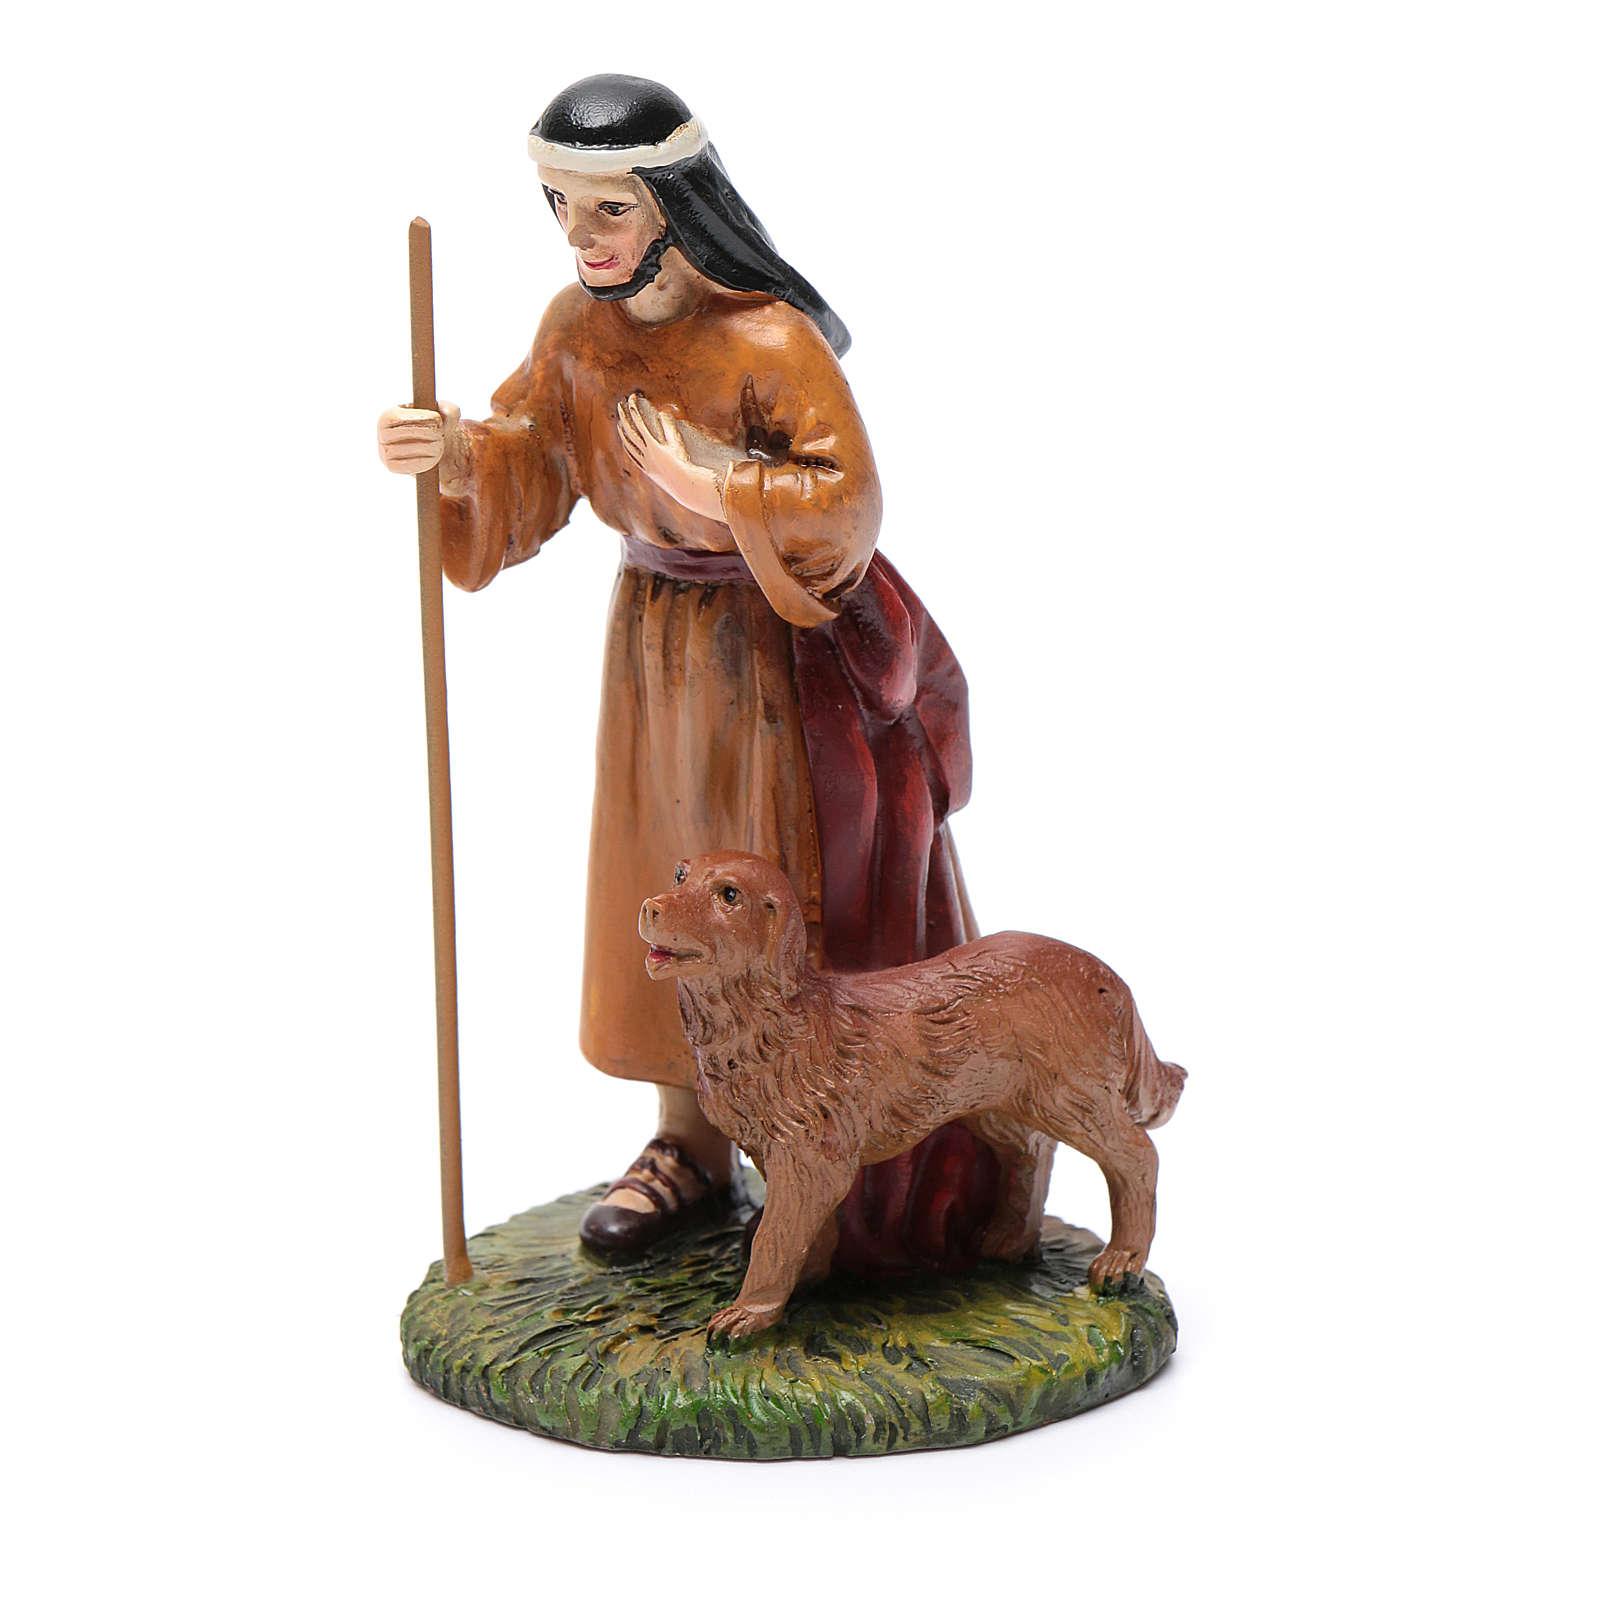 Pastore con cane resina per presepe 10 cm Linea Martino Landi 3